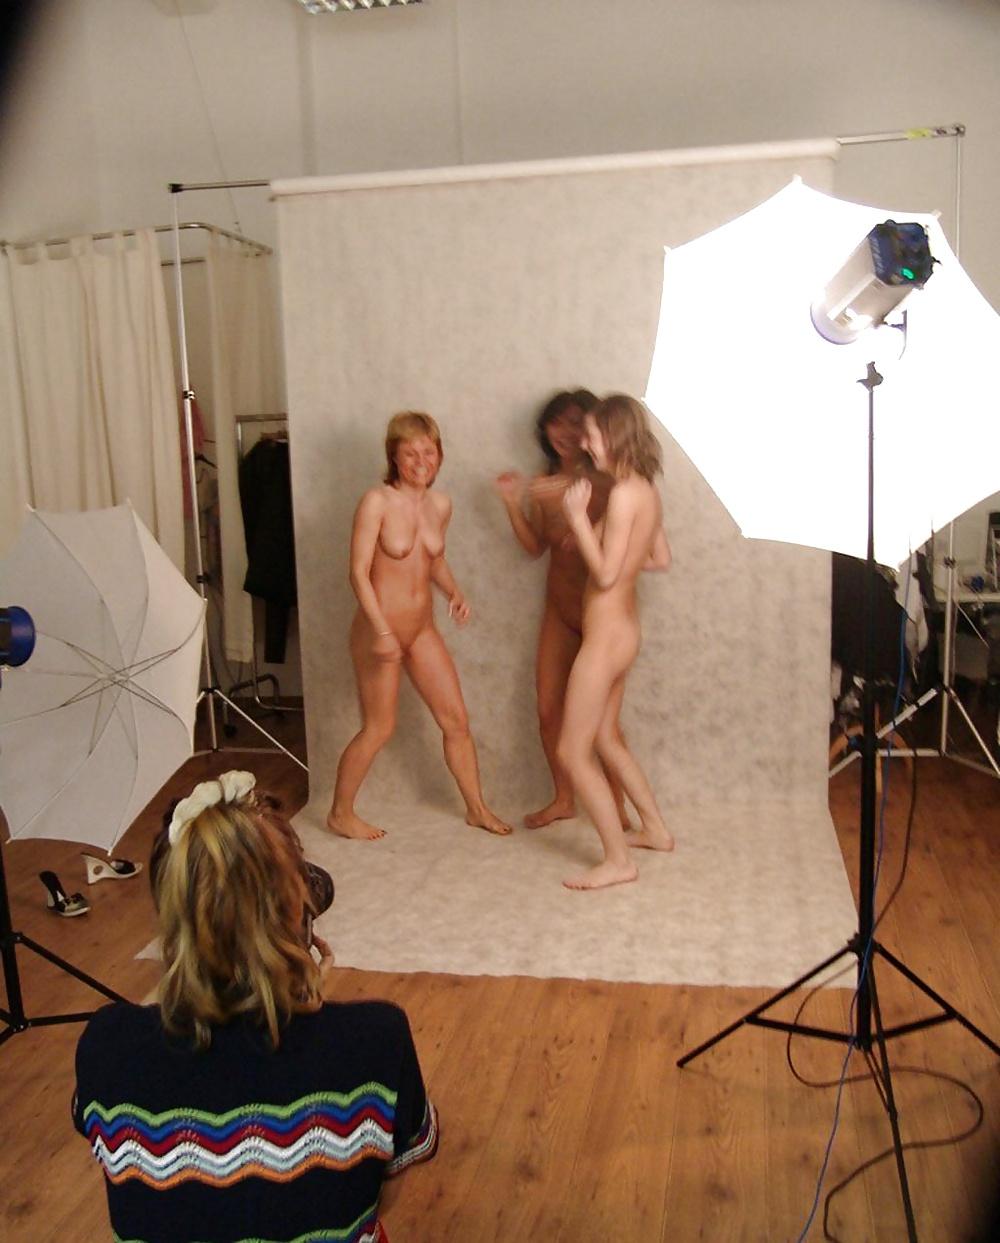 видео позирование в фотостудии порно - 3